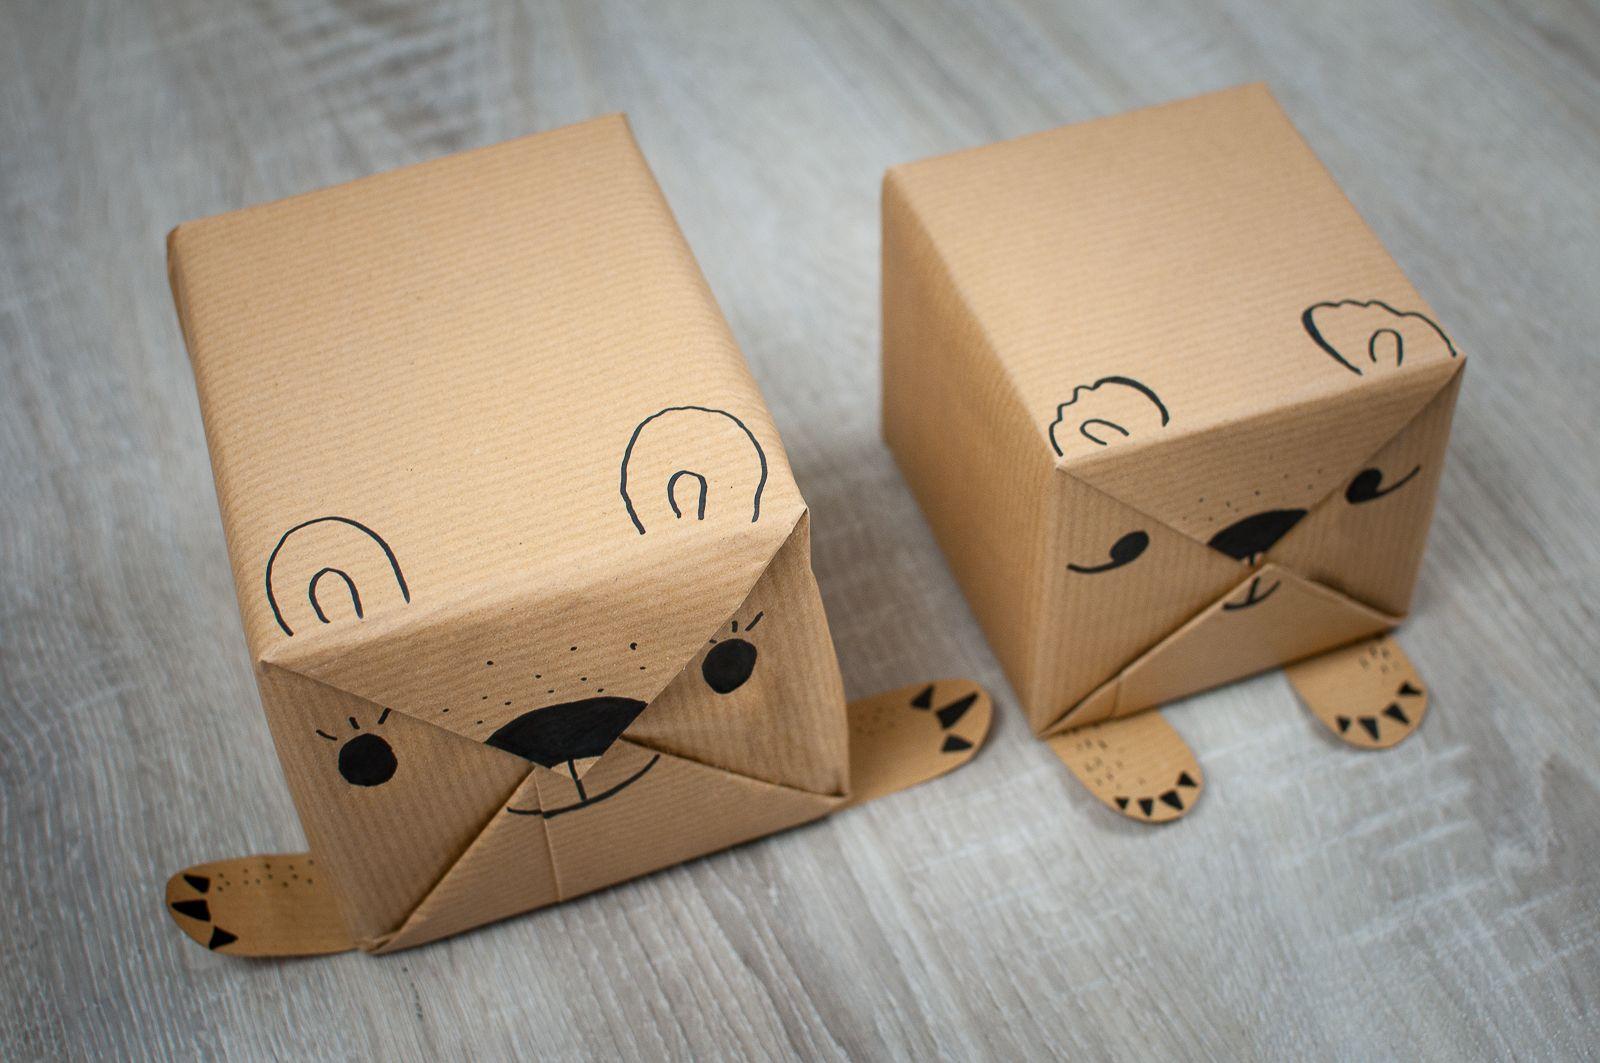 Geschenk Einpack Ideen geschenke originell einpacken leicht gemacht hier findet ihr